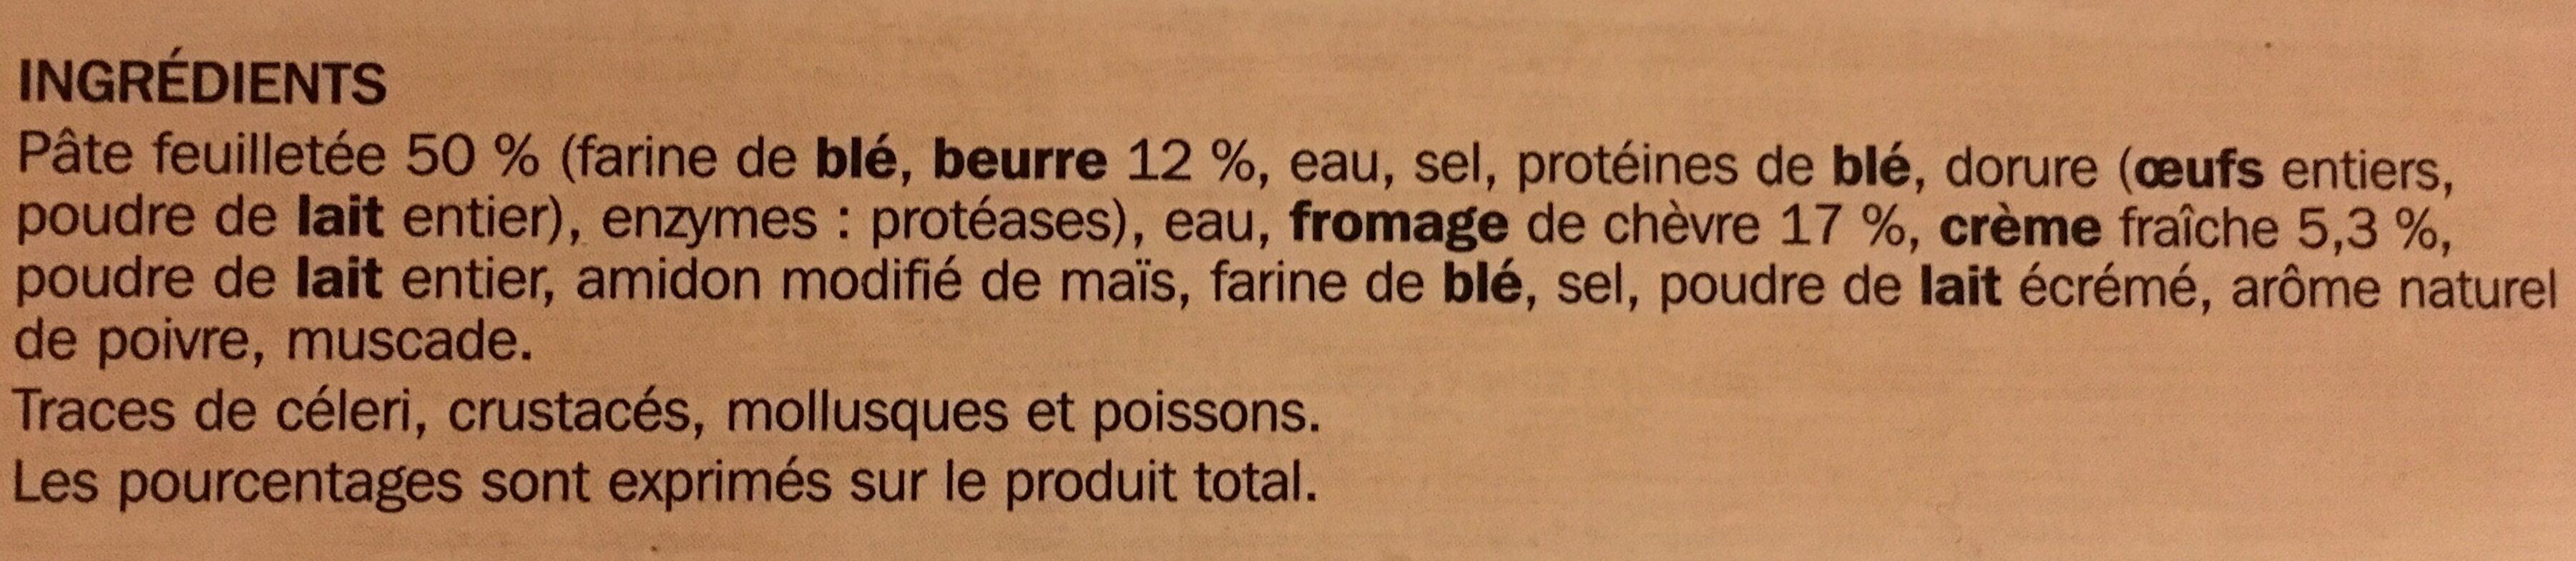 Feuilletés chèvre - Ingrédients - fr